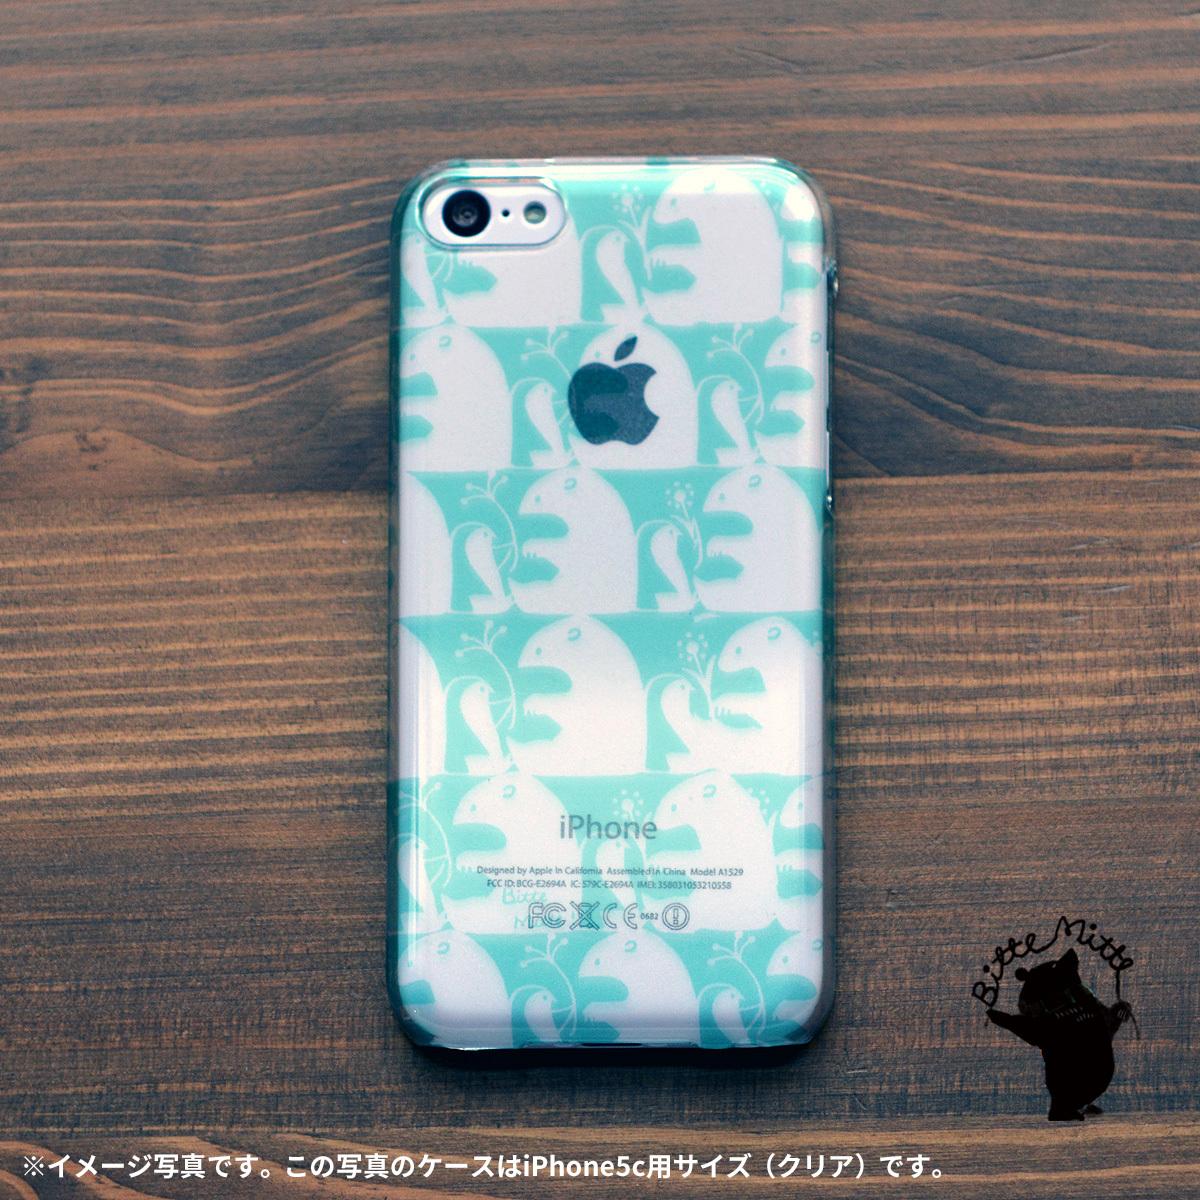 【限定色】シロクマ iphone5c iphone5c ケース しろくま iphone5c クリア ケース キラキラ かわいい 二人のプレゼント(ブルー)/Bitte Mitte!